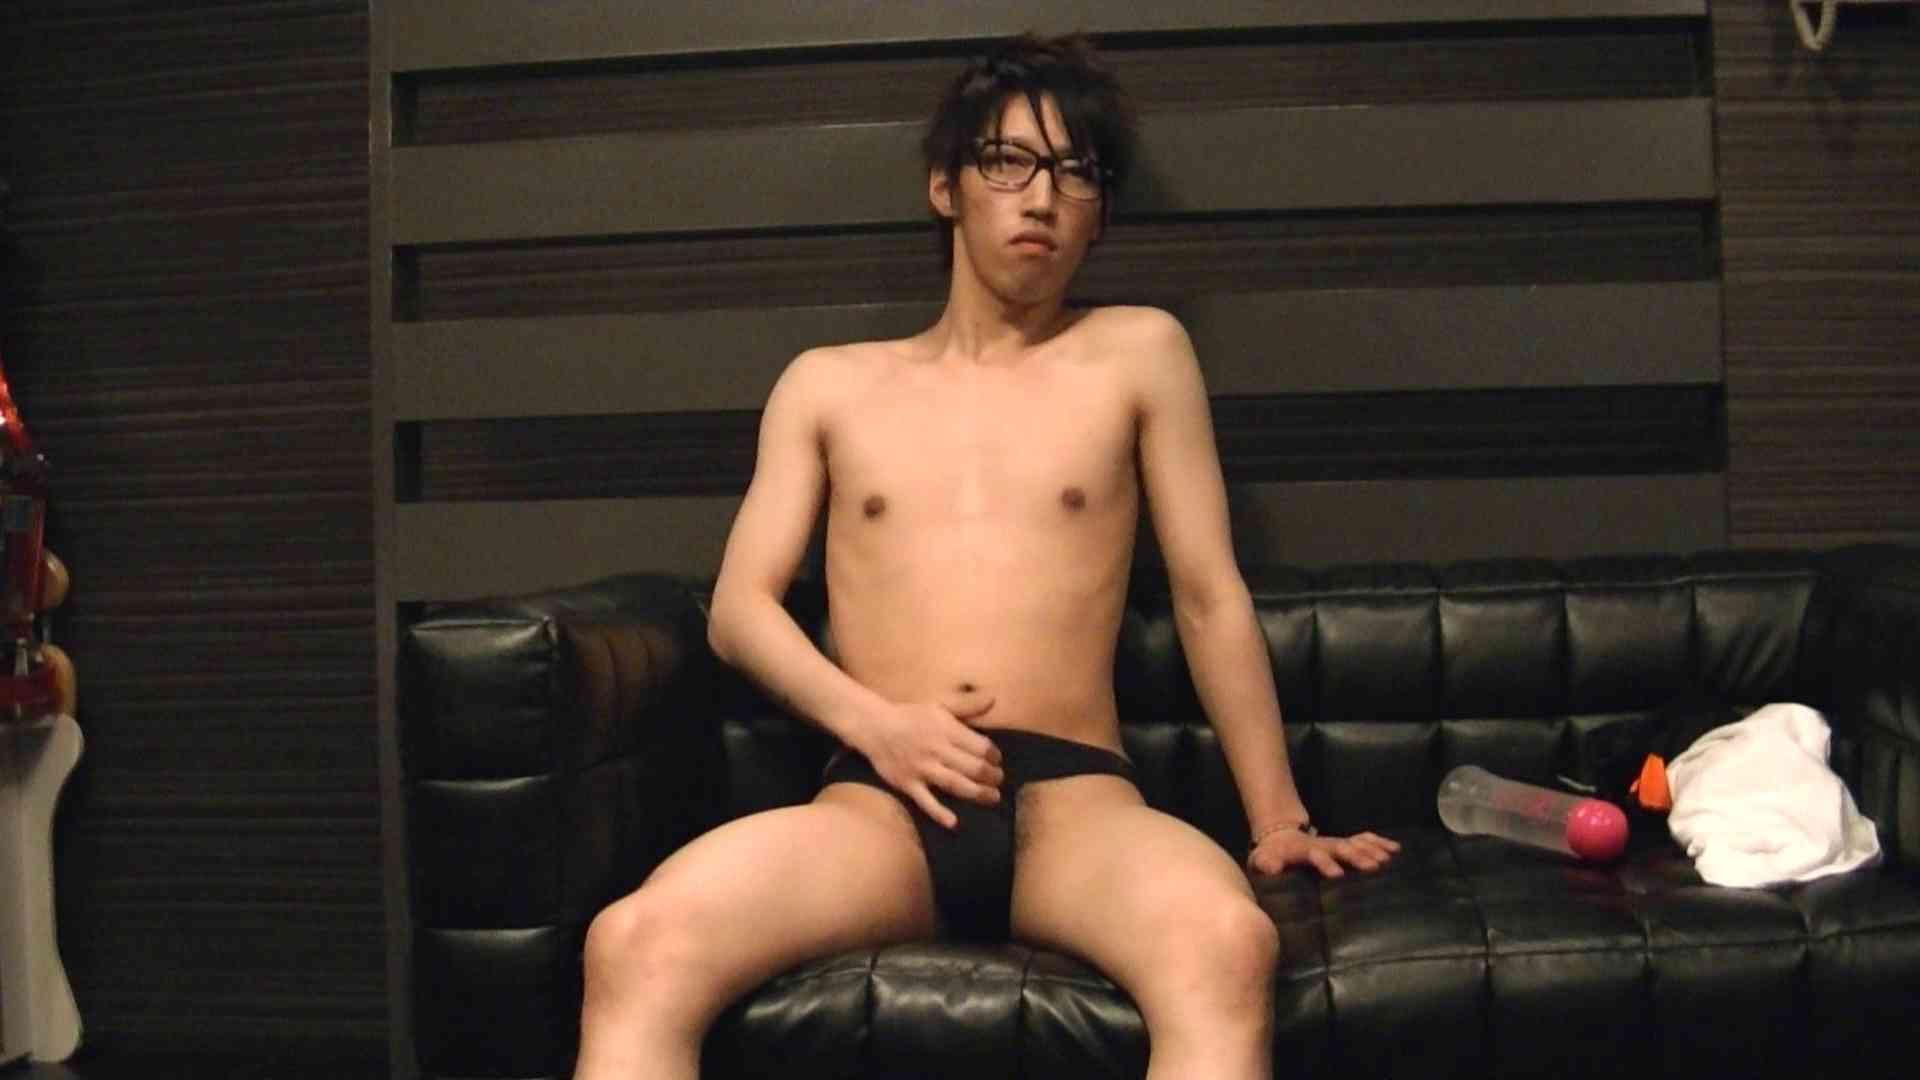 Mr.オナックスさん投稿!HD 貴方のオナニー三万円で撮影させてください。VOL.04 念願の完全無修正 ゲイヌード画像 55連発 2